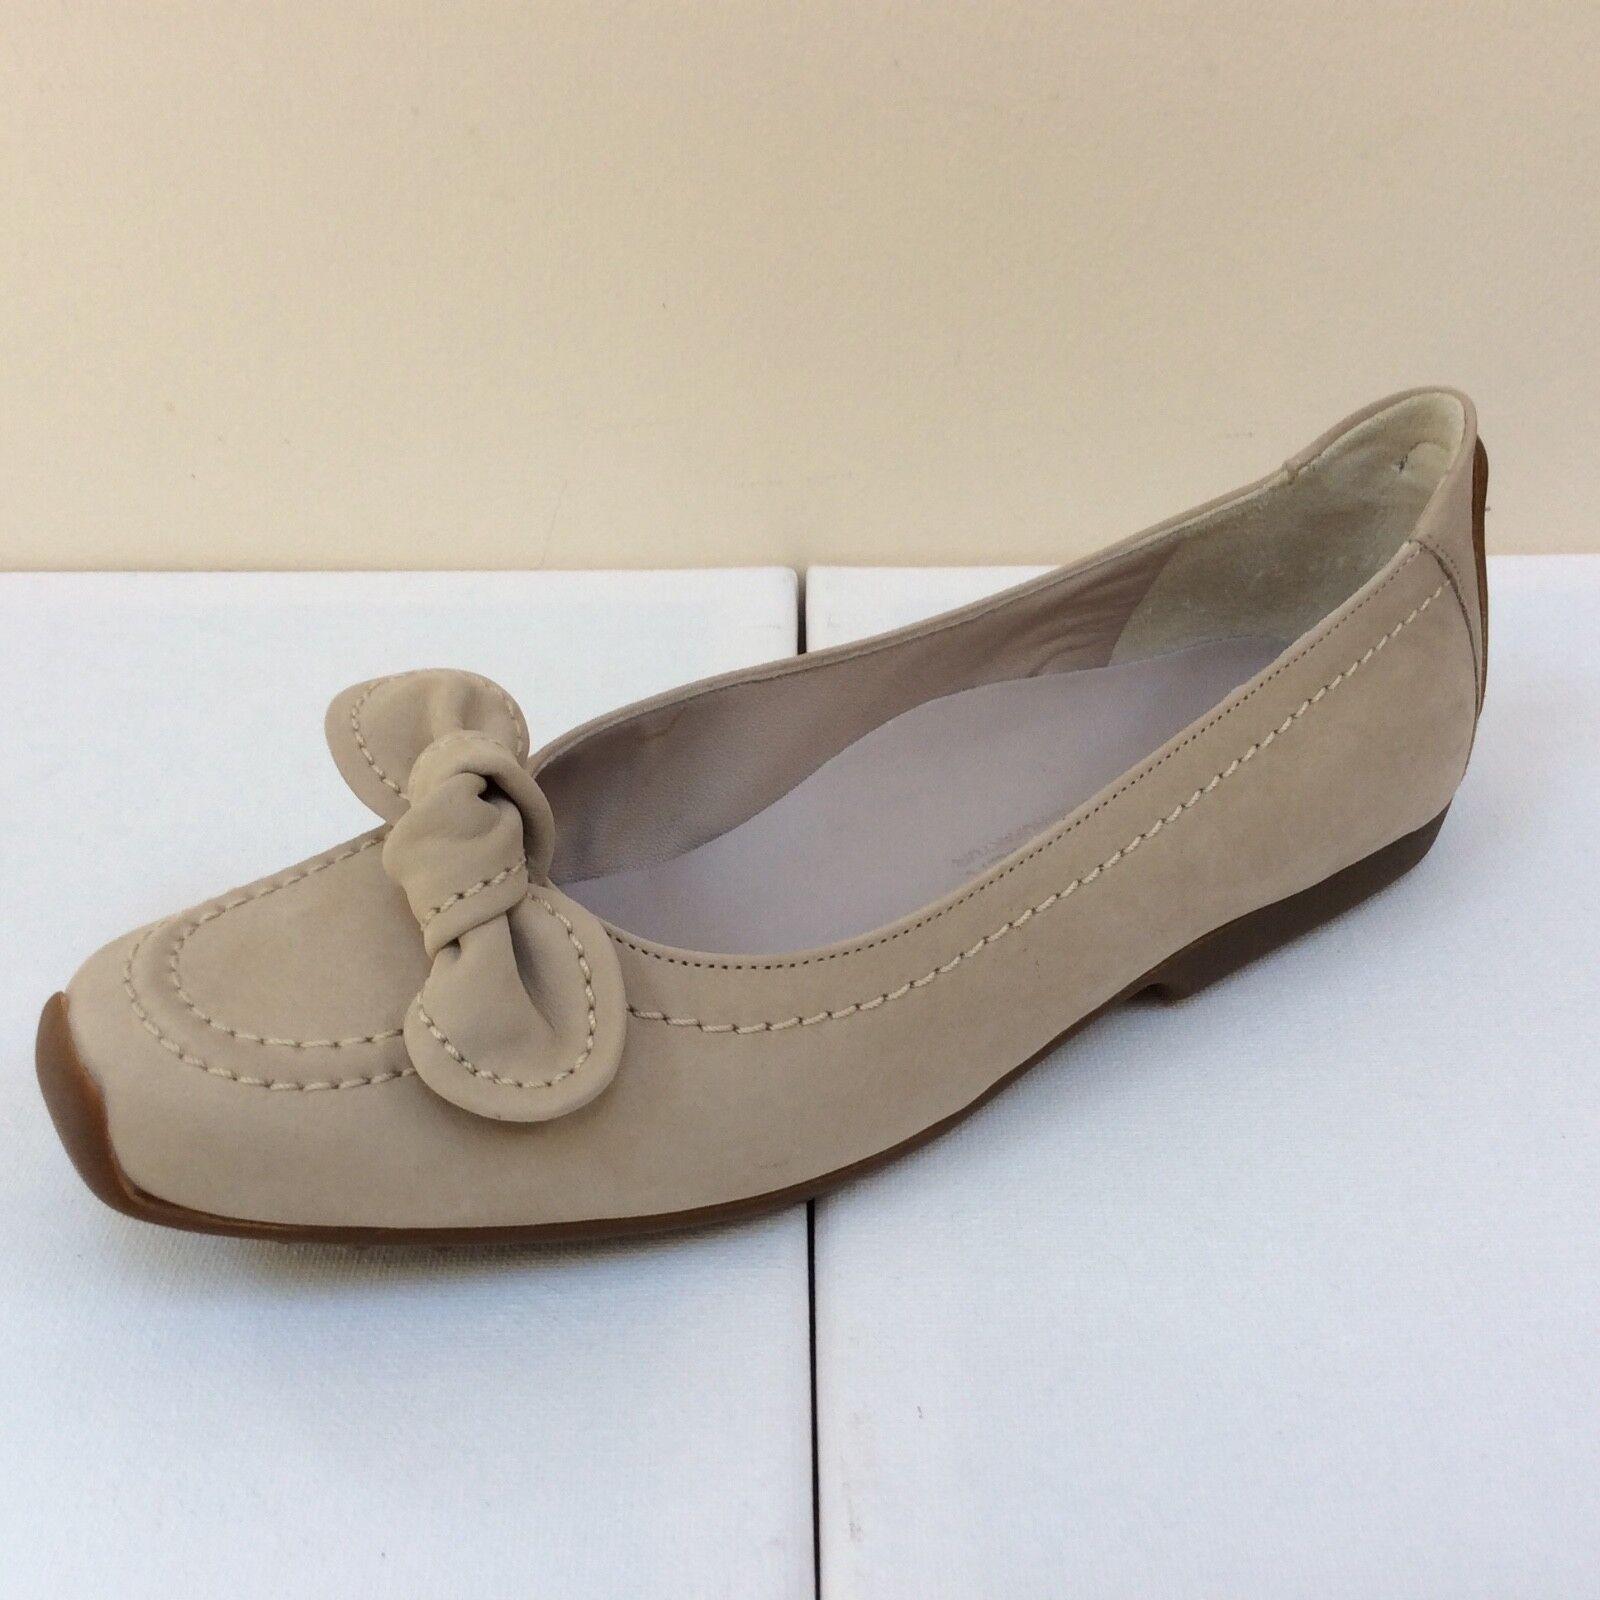 K&s SUSA Beige Daim Chaussures Plates Avec Nœud, UK 5 EU 38,   BNWB